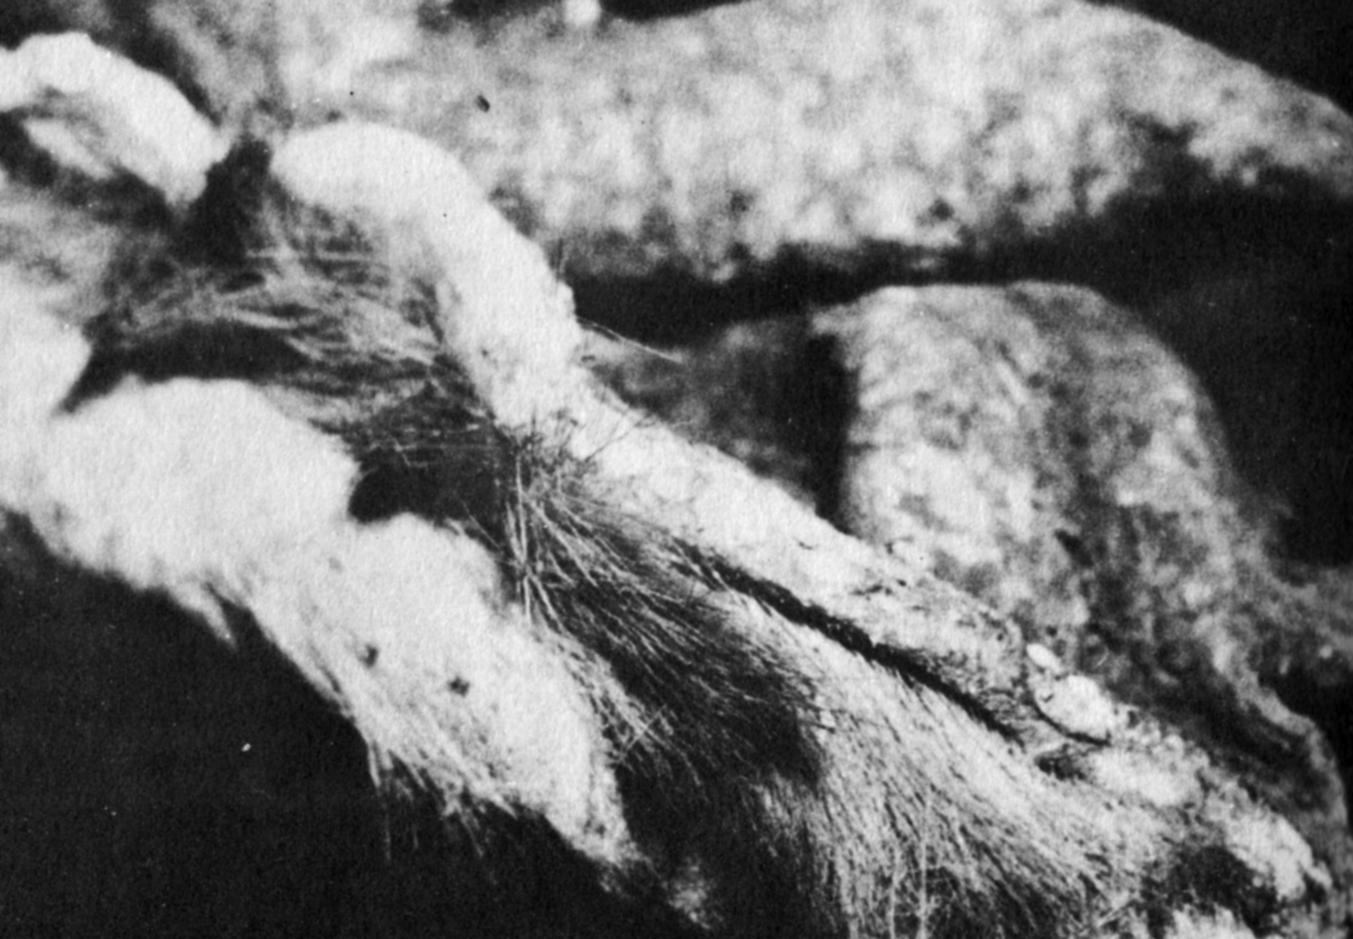 """La """"pelle di Ultima Esperanza"""" accese le fantasie degli zoologi più romantici."""